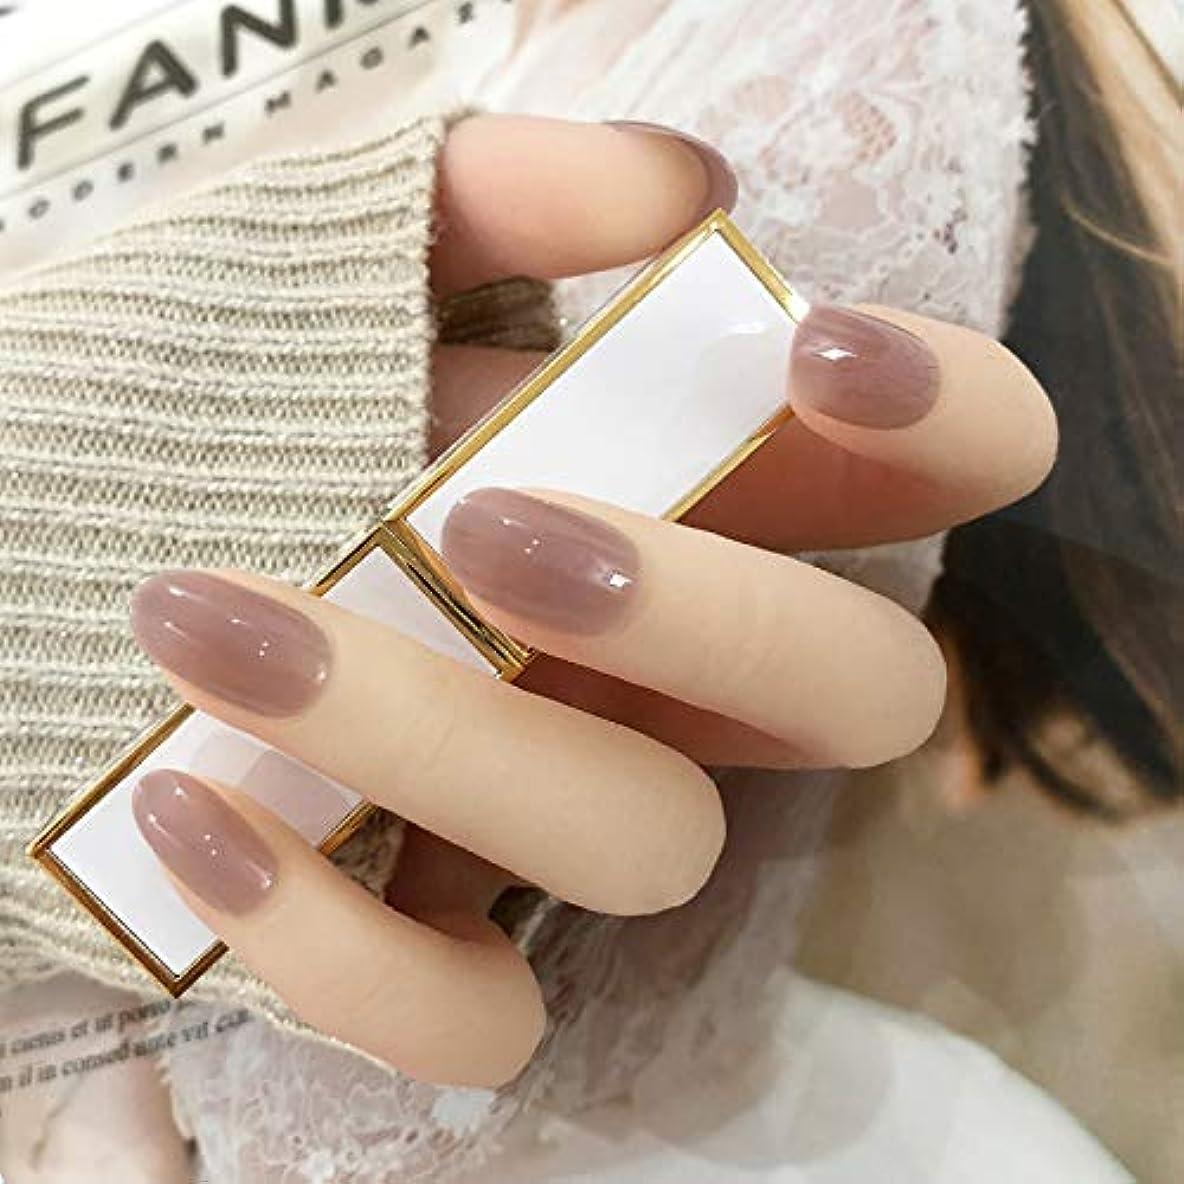 ワームウミウシ砦24枚純色付け爪 ネイル貼るだけネイルチップ お花嫁付け爪 (グレーピンク)